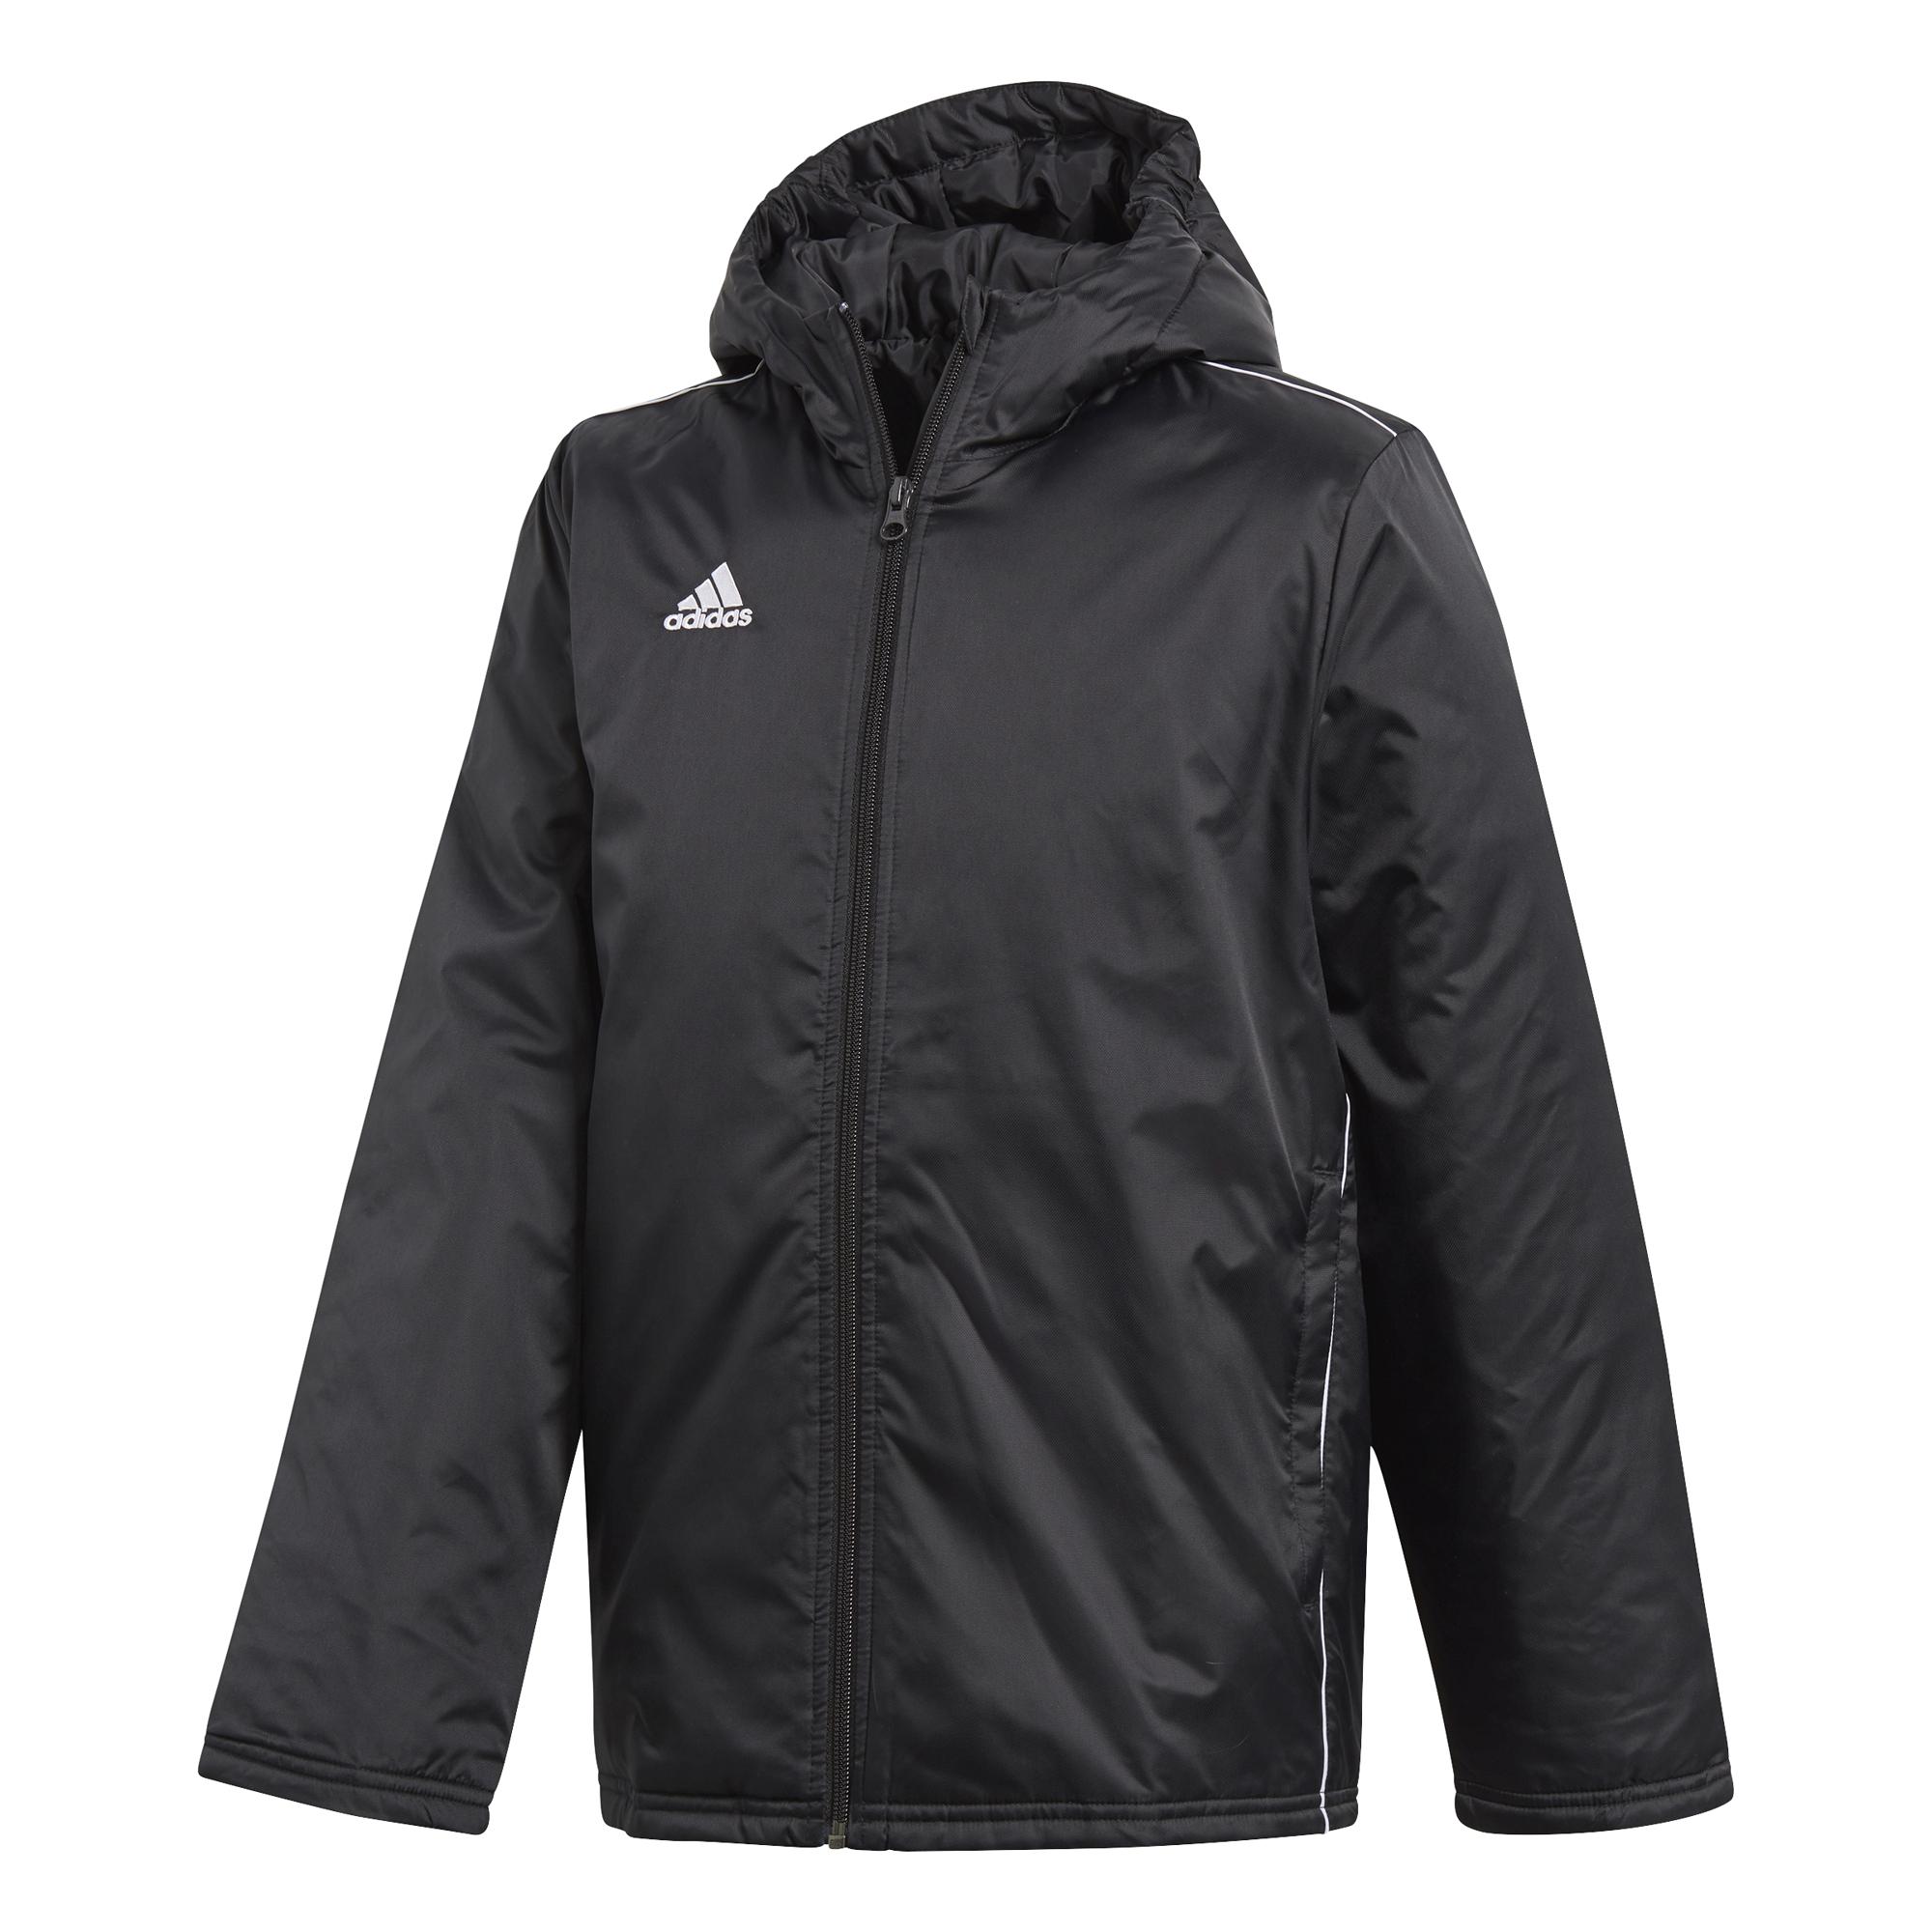 ADIDAS zimní bunda Core 18 Stadium Jacket dětská